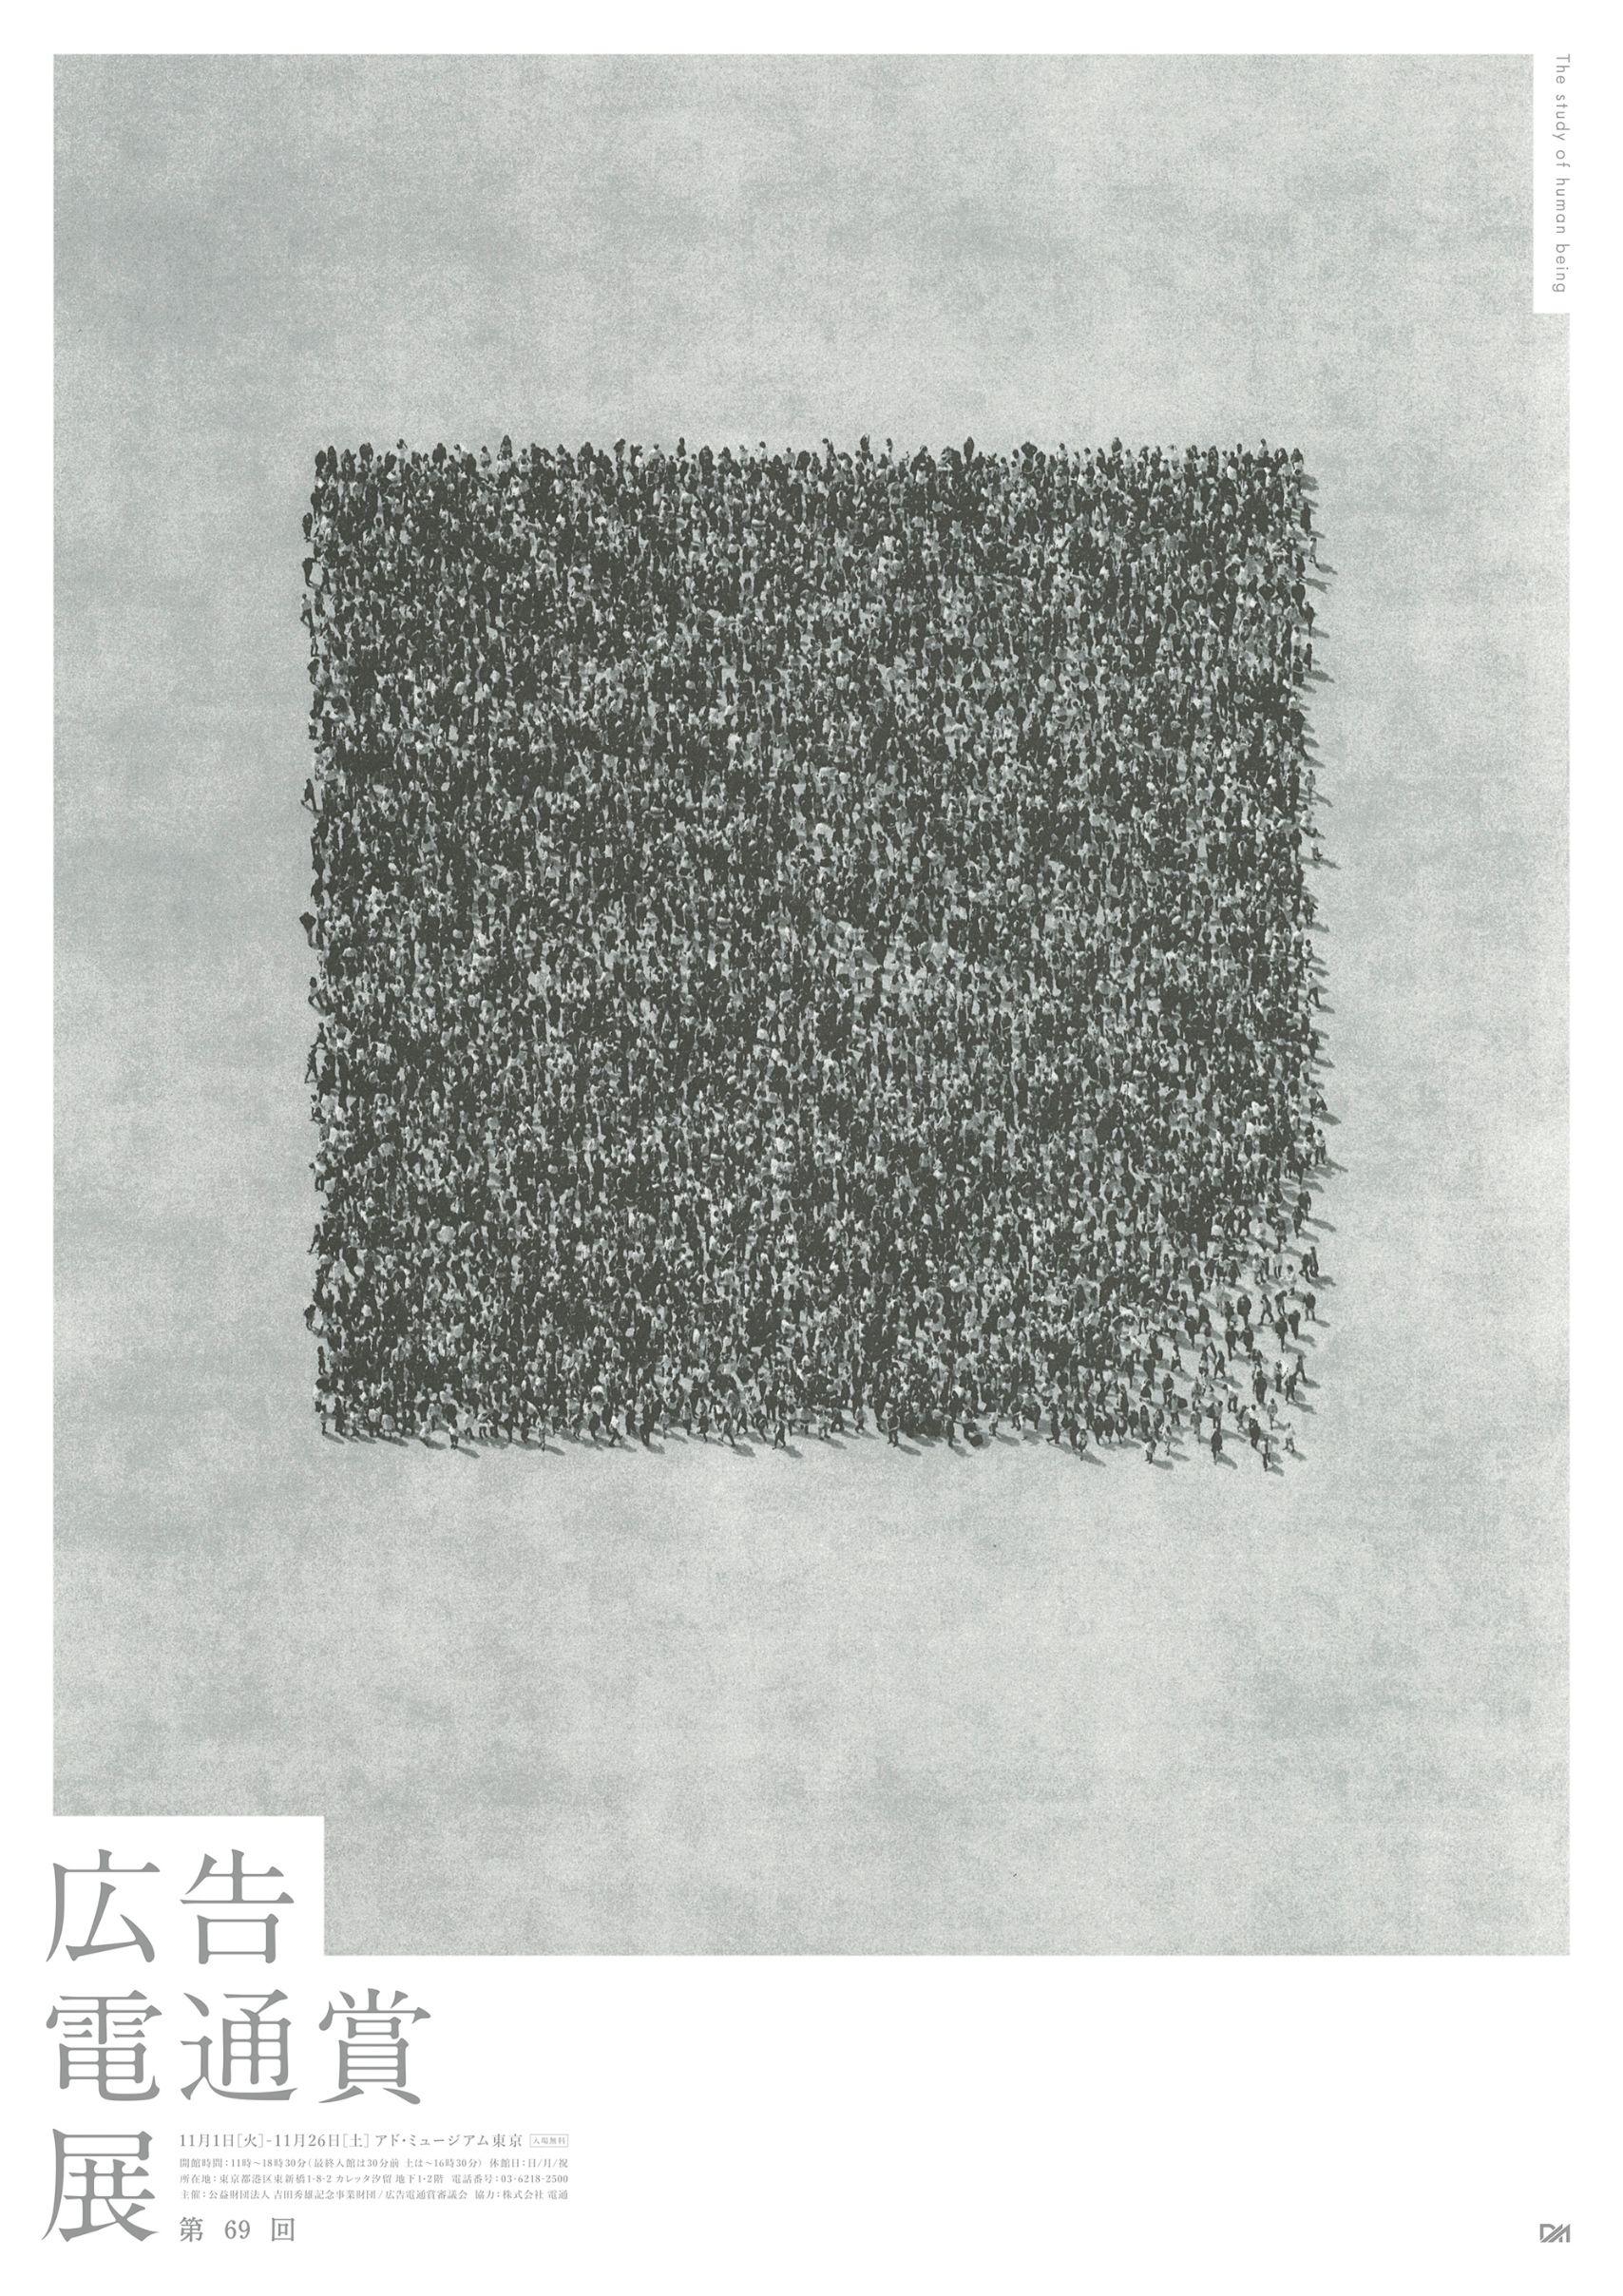 Ryohei Takanashiの作品